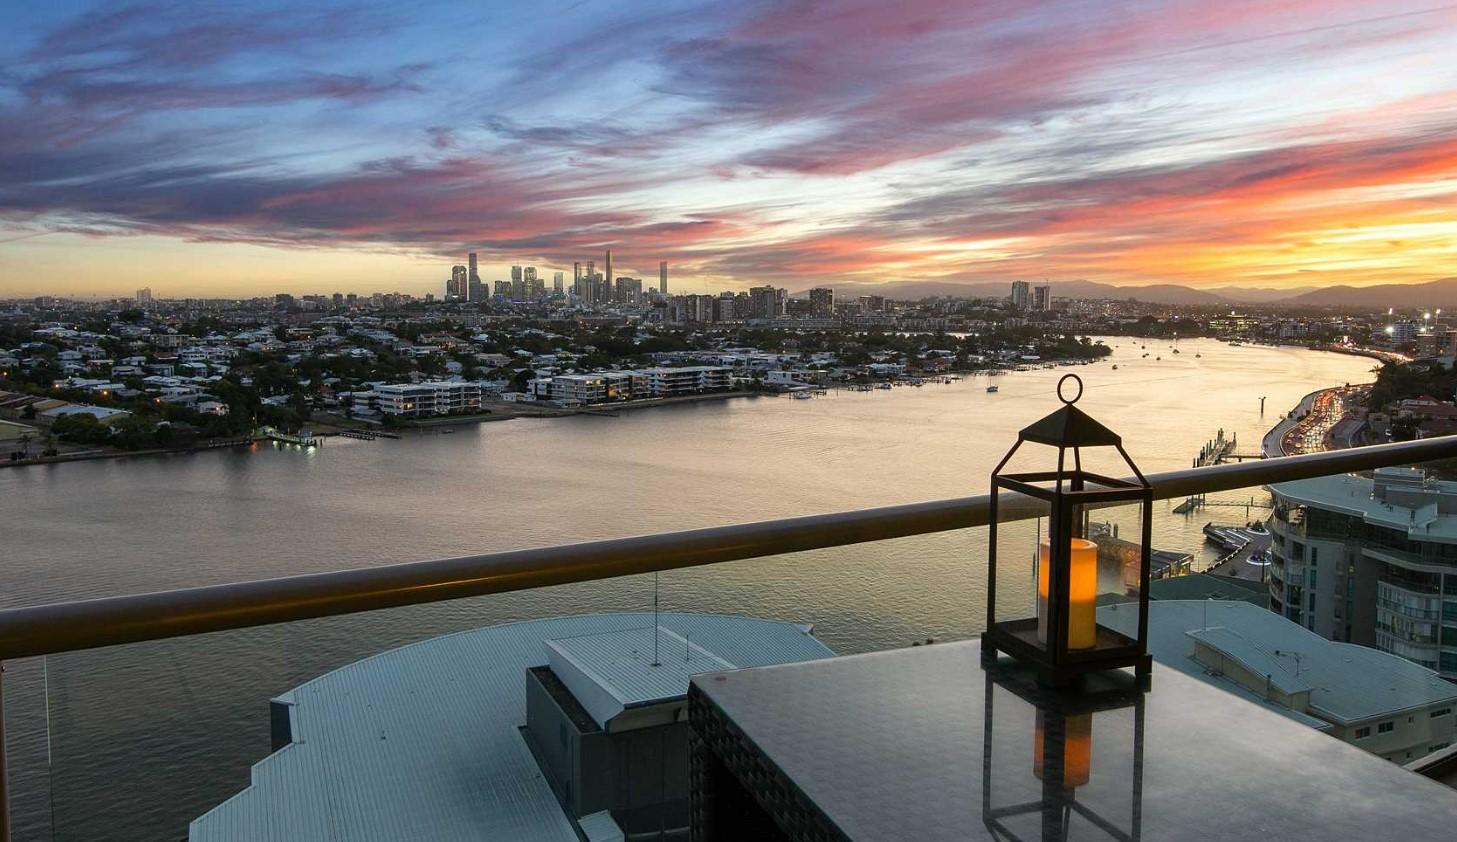 https://harcourts.com.au/Property/837730/QMT200629/11906-8-Harbour-Road